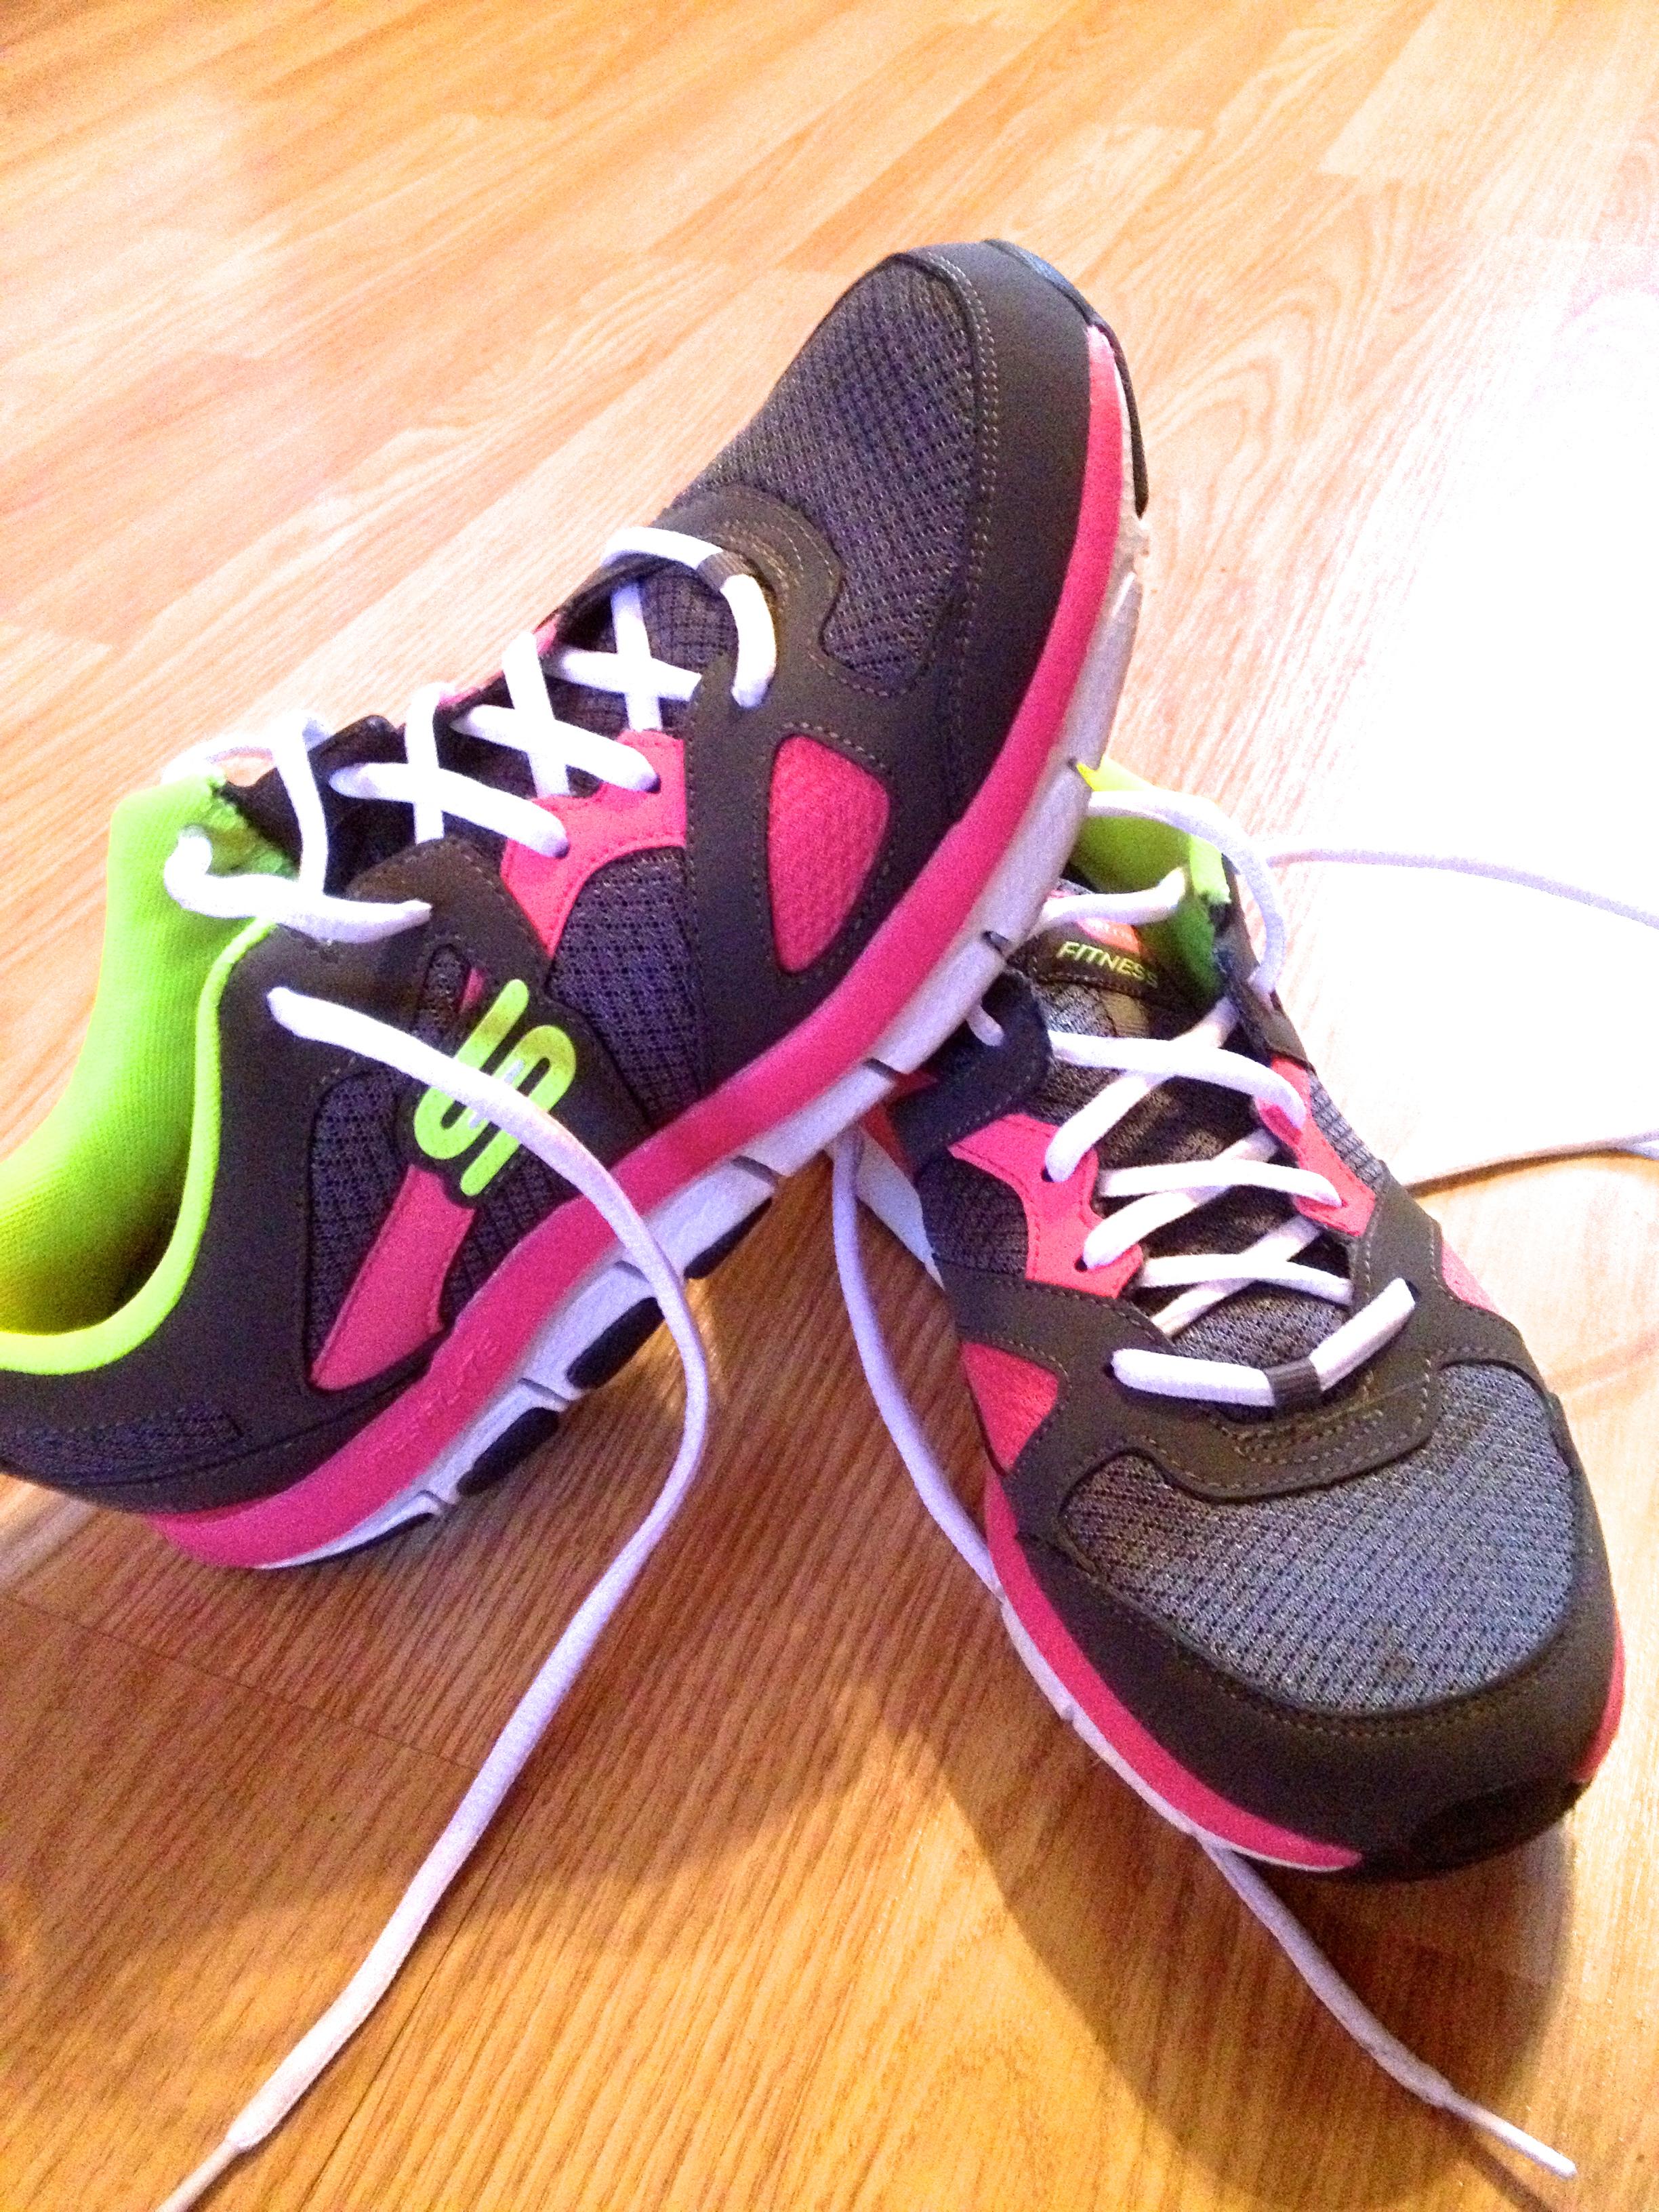 e424d0d1dc2 tennis shoes